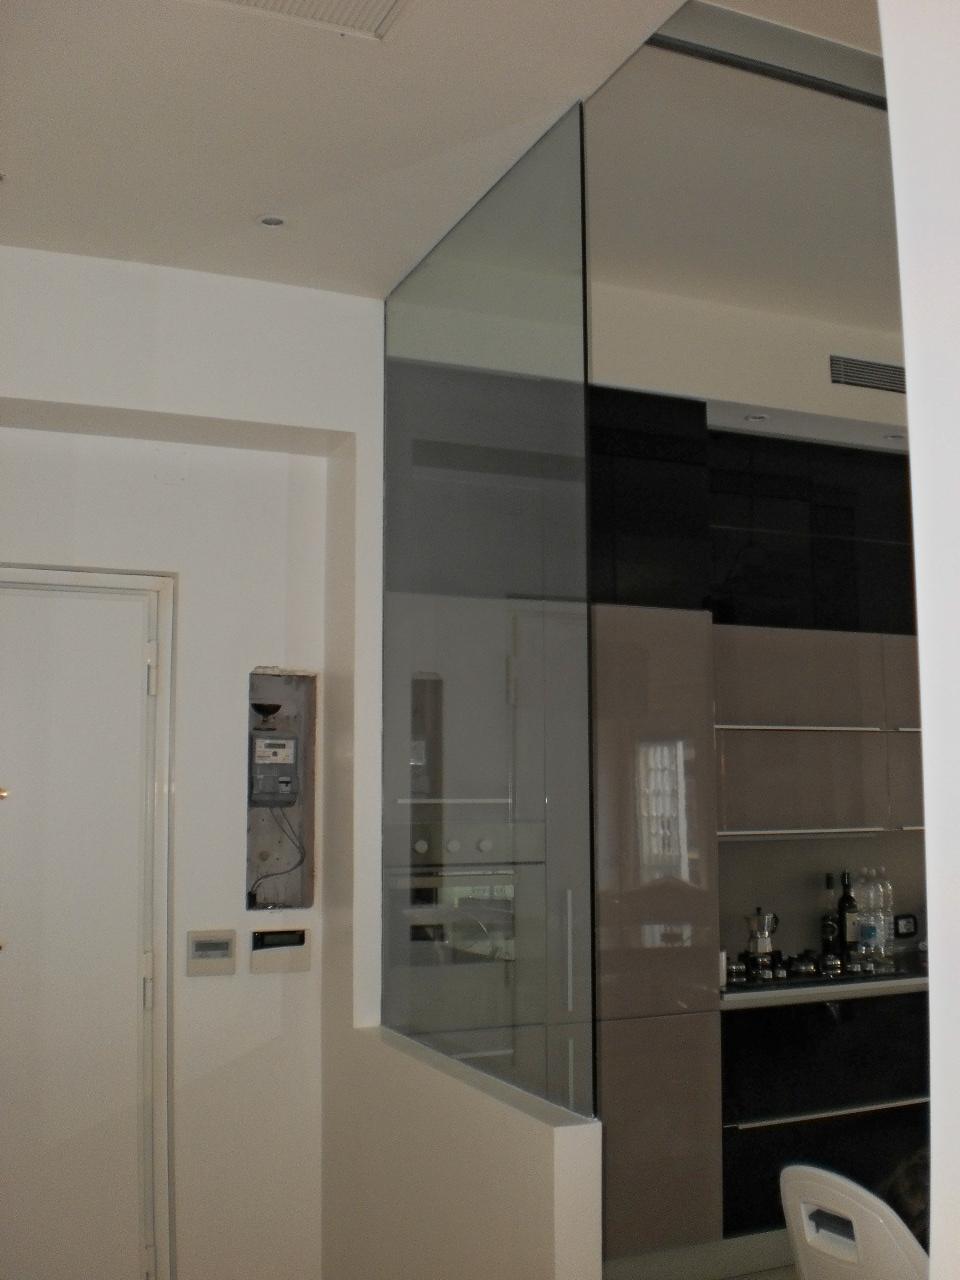 Rtp studio massimo porricelli rtp studio architettura - Architetto interni roma ...